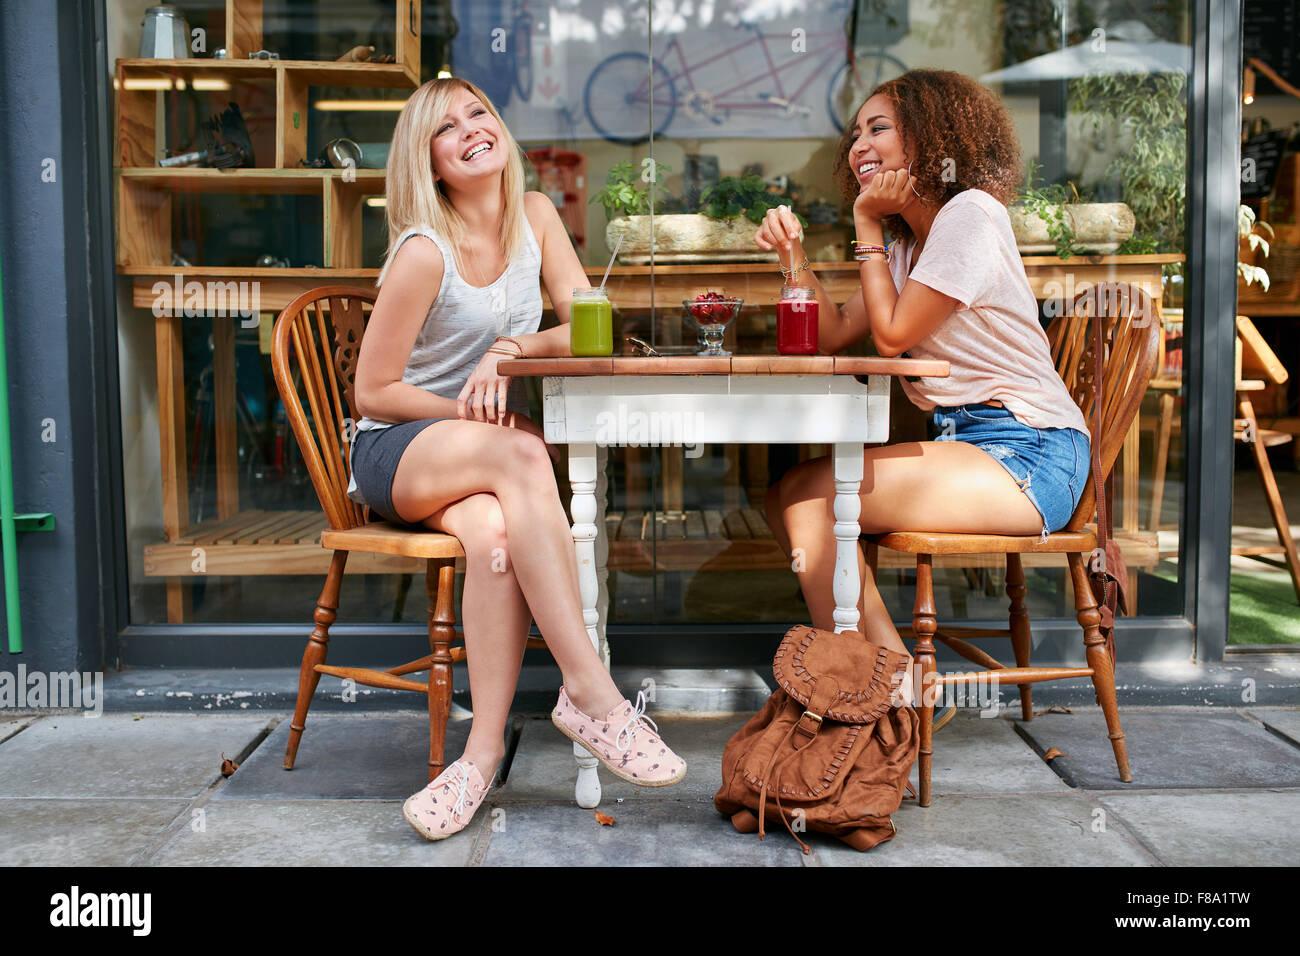 Due giovani amici seduti al outdoor cafe e sorridente. Multirazziale donne appendere fuori al ristorante sul marciapiede. Immagini Stock